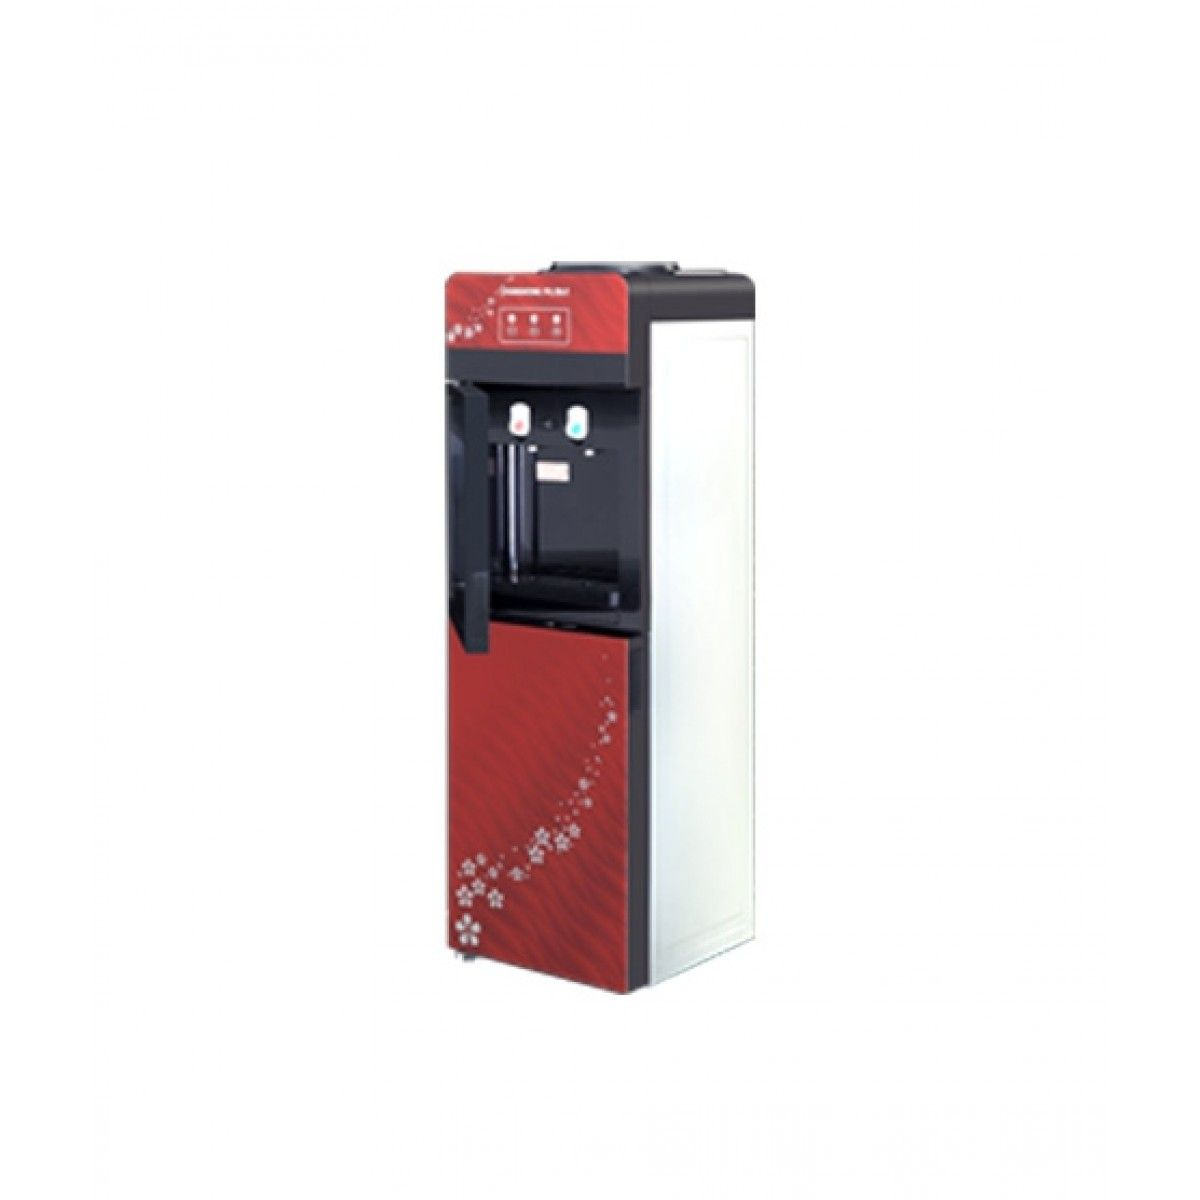 Changhong Ruba WD-CR55G Water Dispenser